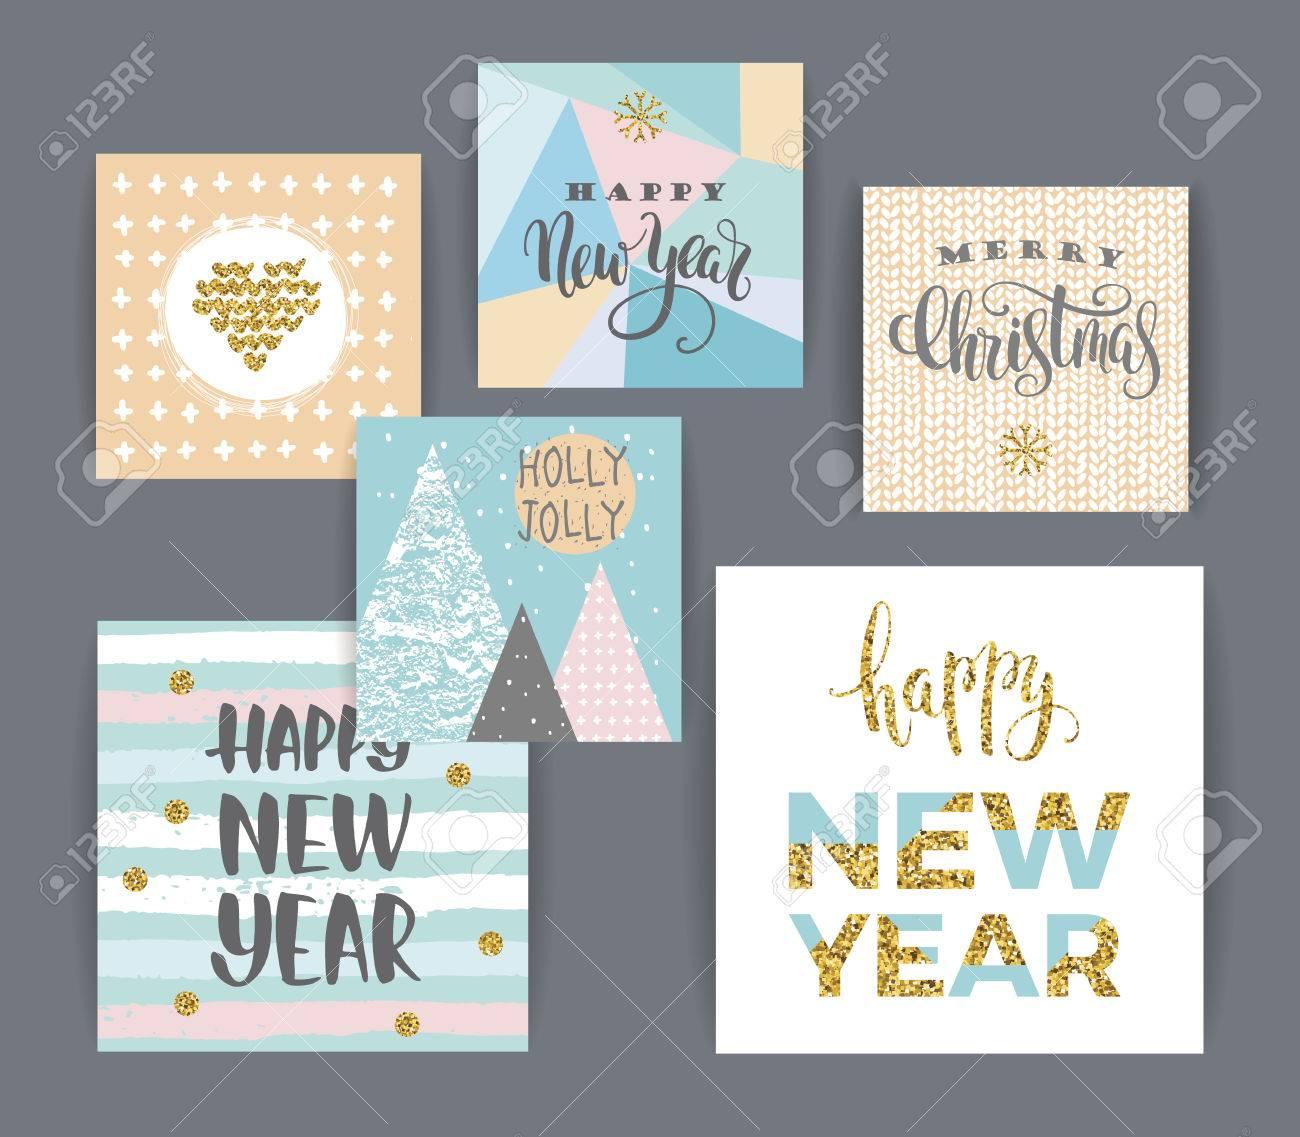 Conjunto De Creación Artística Feliz Navidad Y Año Nuevo Tarjetas Mano Texturas Dibujadas Y Las Letras Del Cepillo Diseño De Cartel Tarjeta